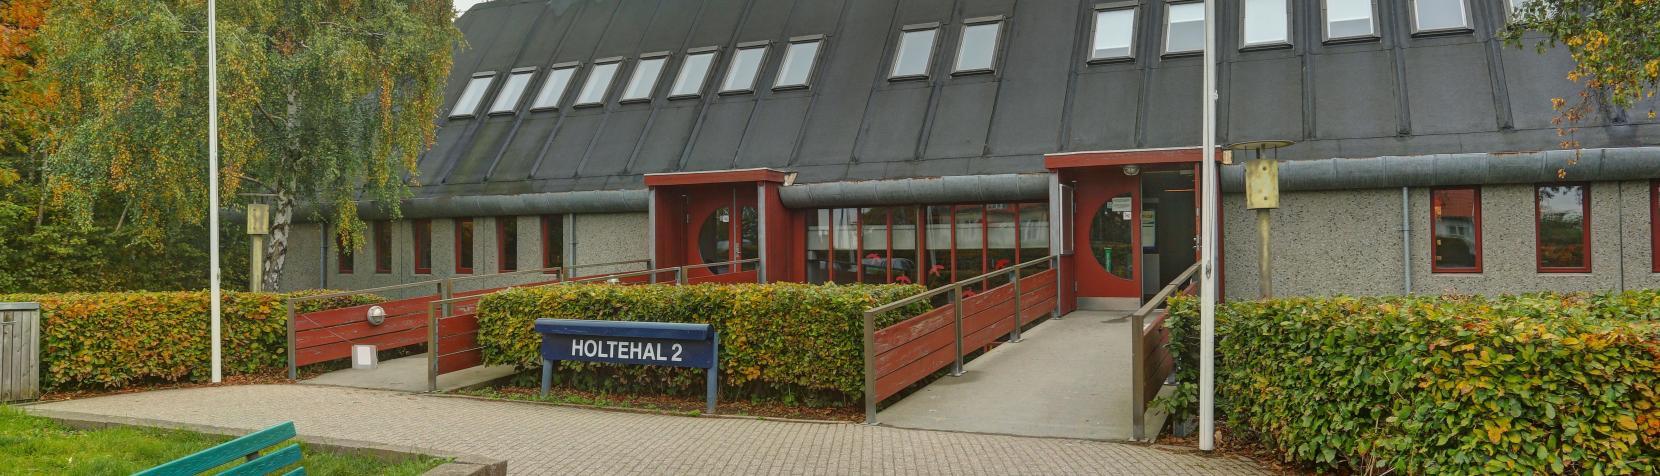 Foto: Holtehallerne - indgang til hal 2 udefra